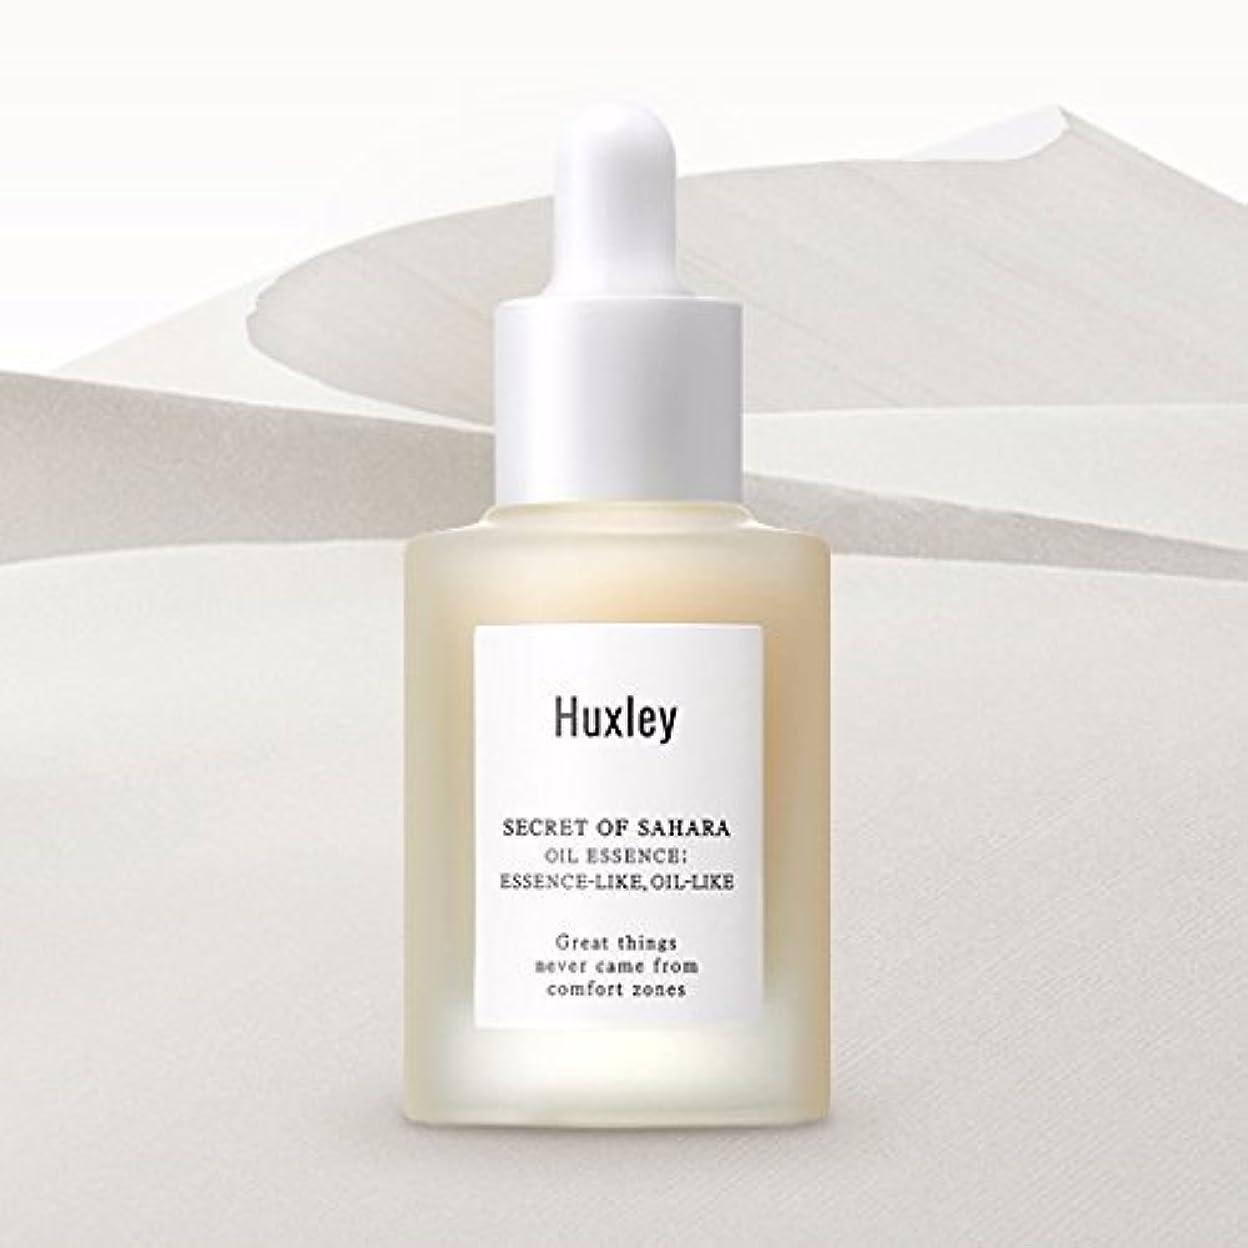 ブラスト一般化する思いつくハクスリー サハラ砂漠の秘密オイルエッセンス30ml / Huxley Secret of Sahara OIL Essence (Essence-Like, Oil-Like) 30ml (1.01fl.oz.) Made in Korea